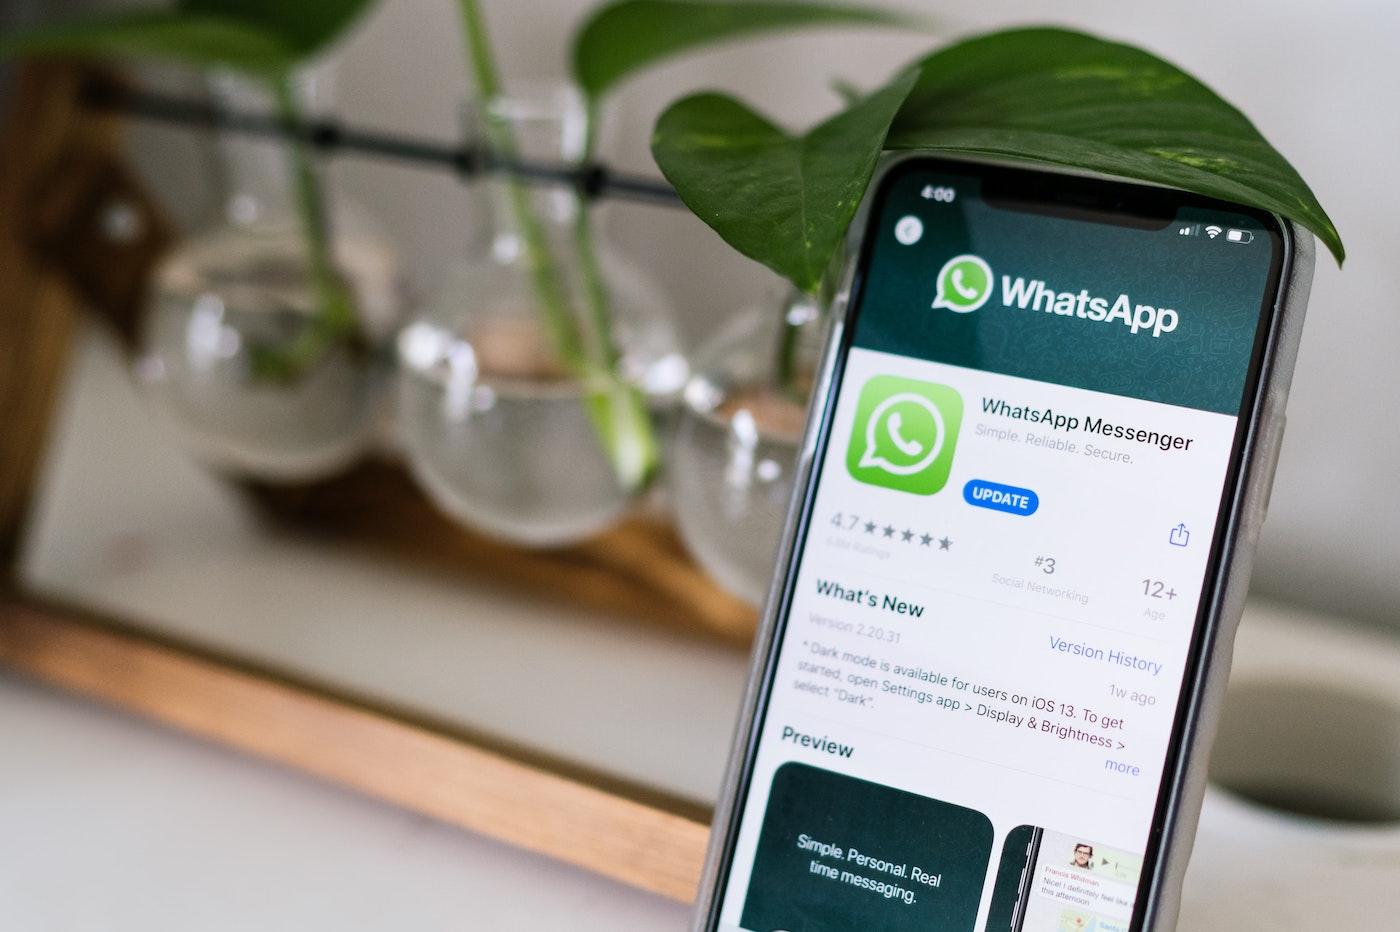 Ce record qu'a battu l'application pour le nouvel an — Whatsapp